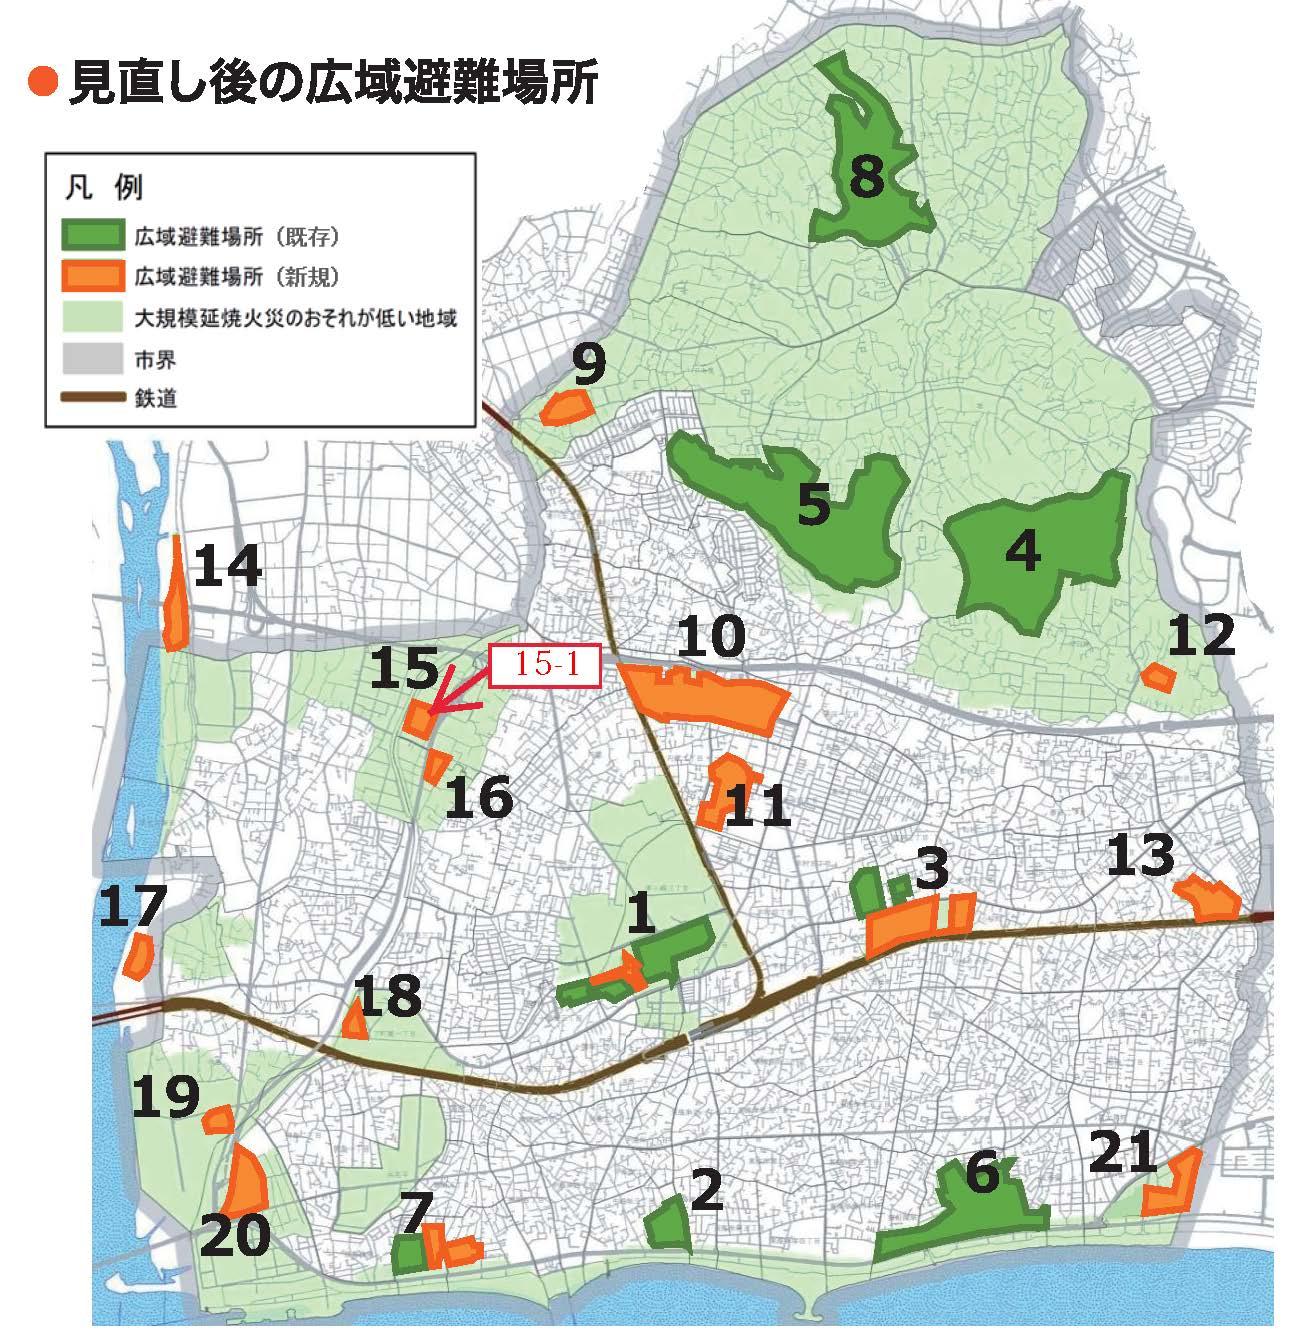 15-1.広域避難場所_茅ヶ崎市地図